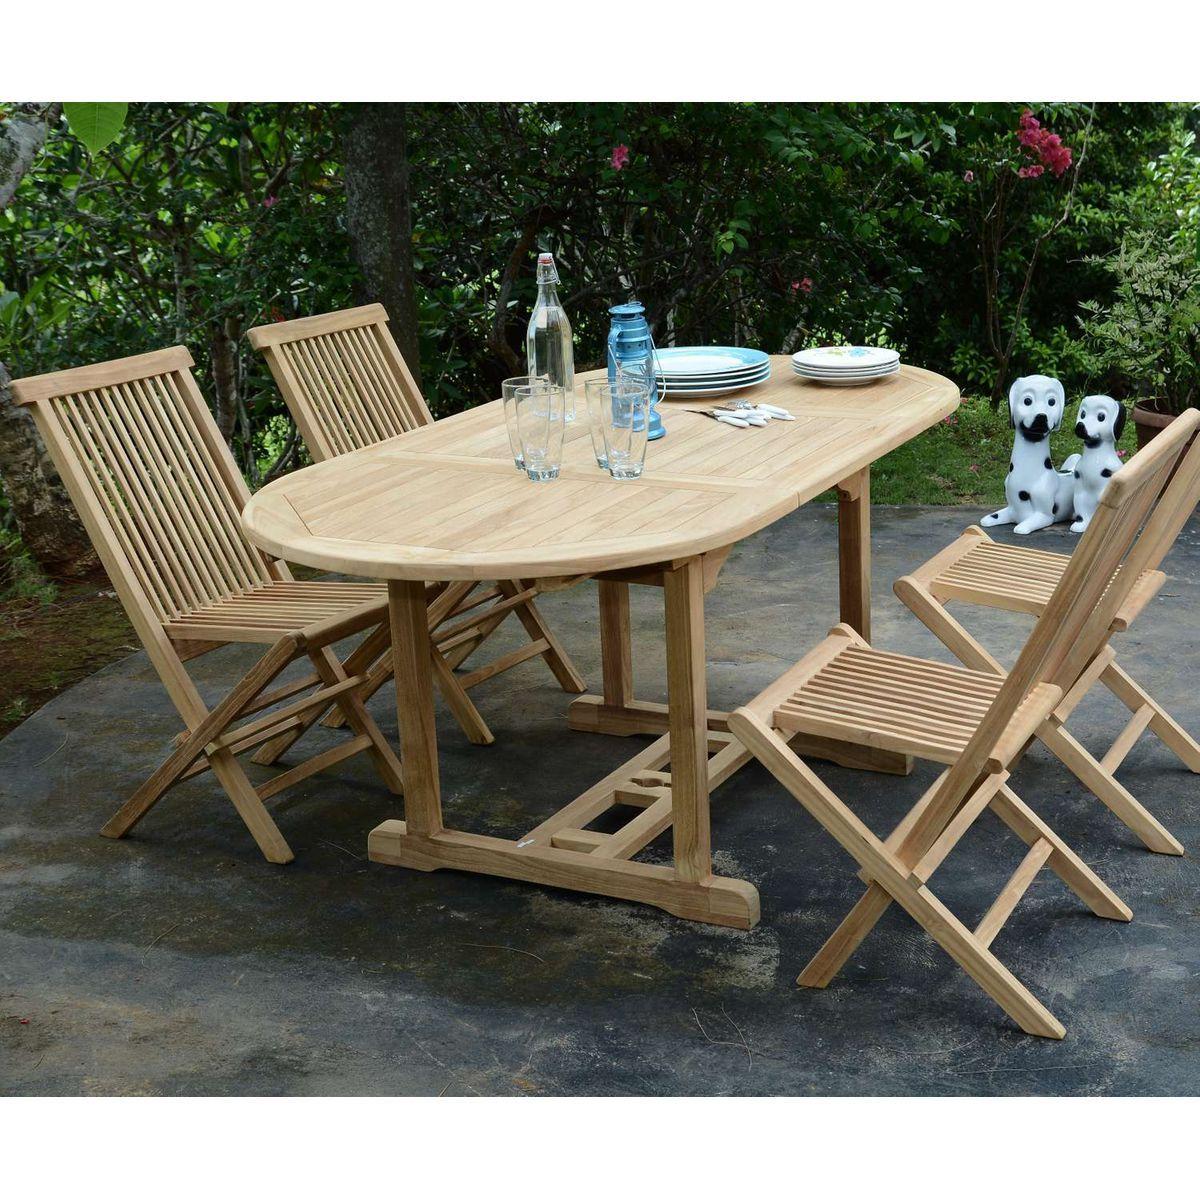 Salon De Jardin En Teck Ecograde Hawai, Table Extensible ... encequiconcerne Salon De Jardin Hawai